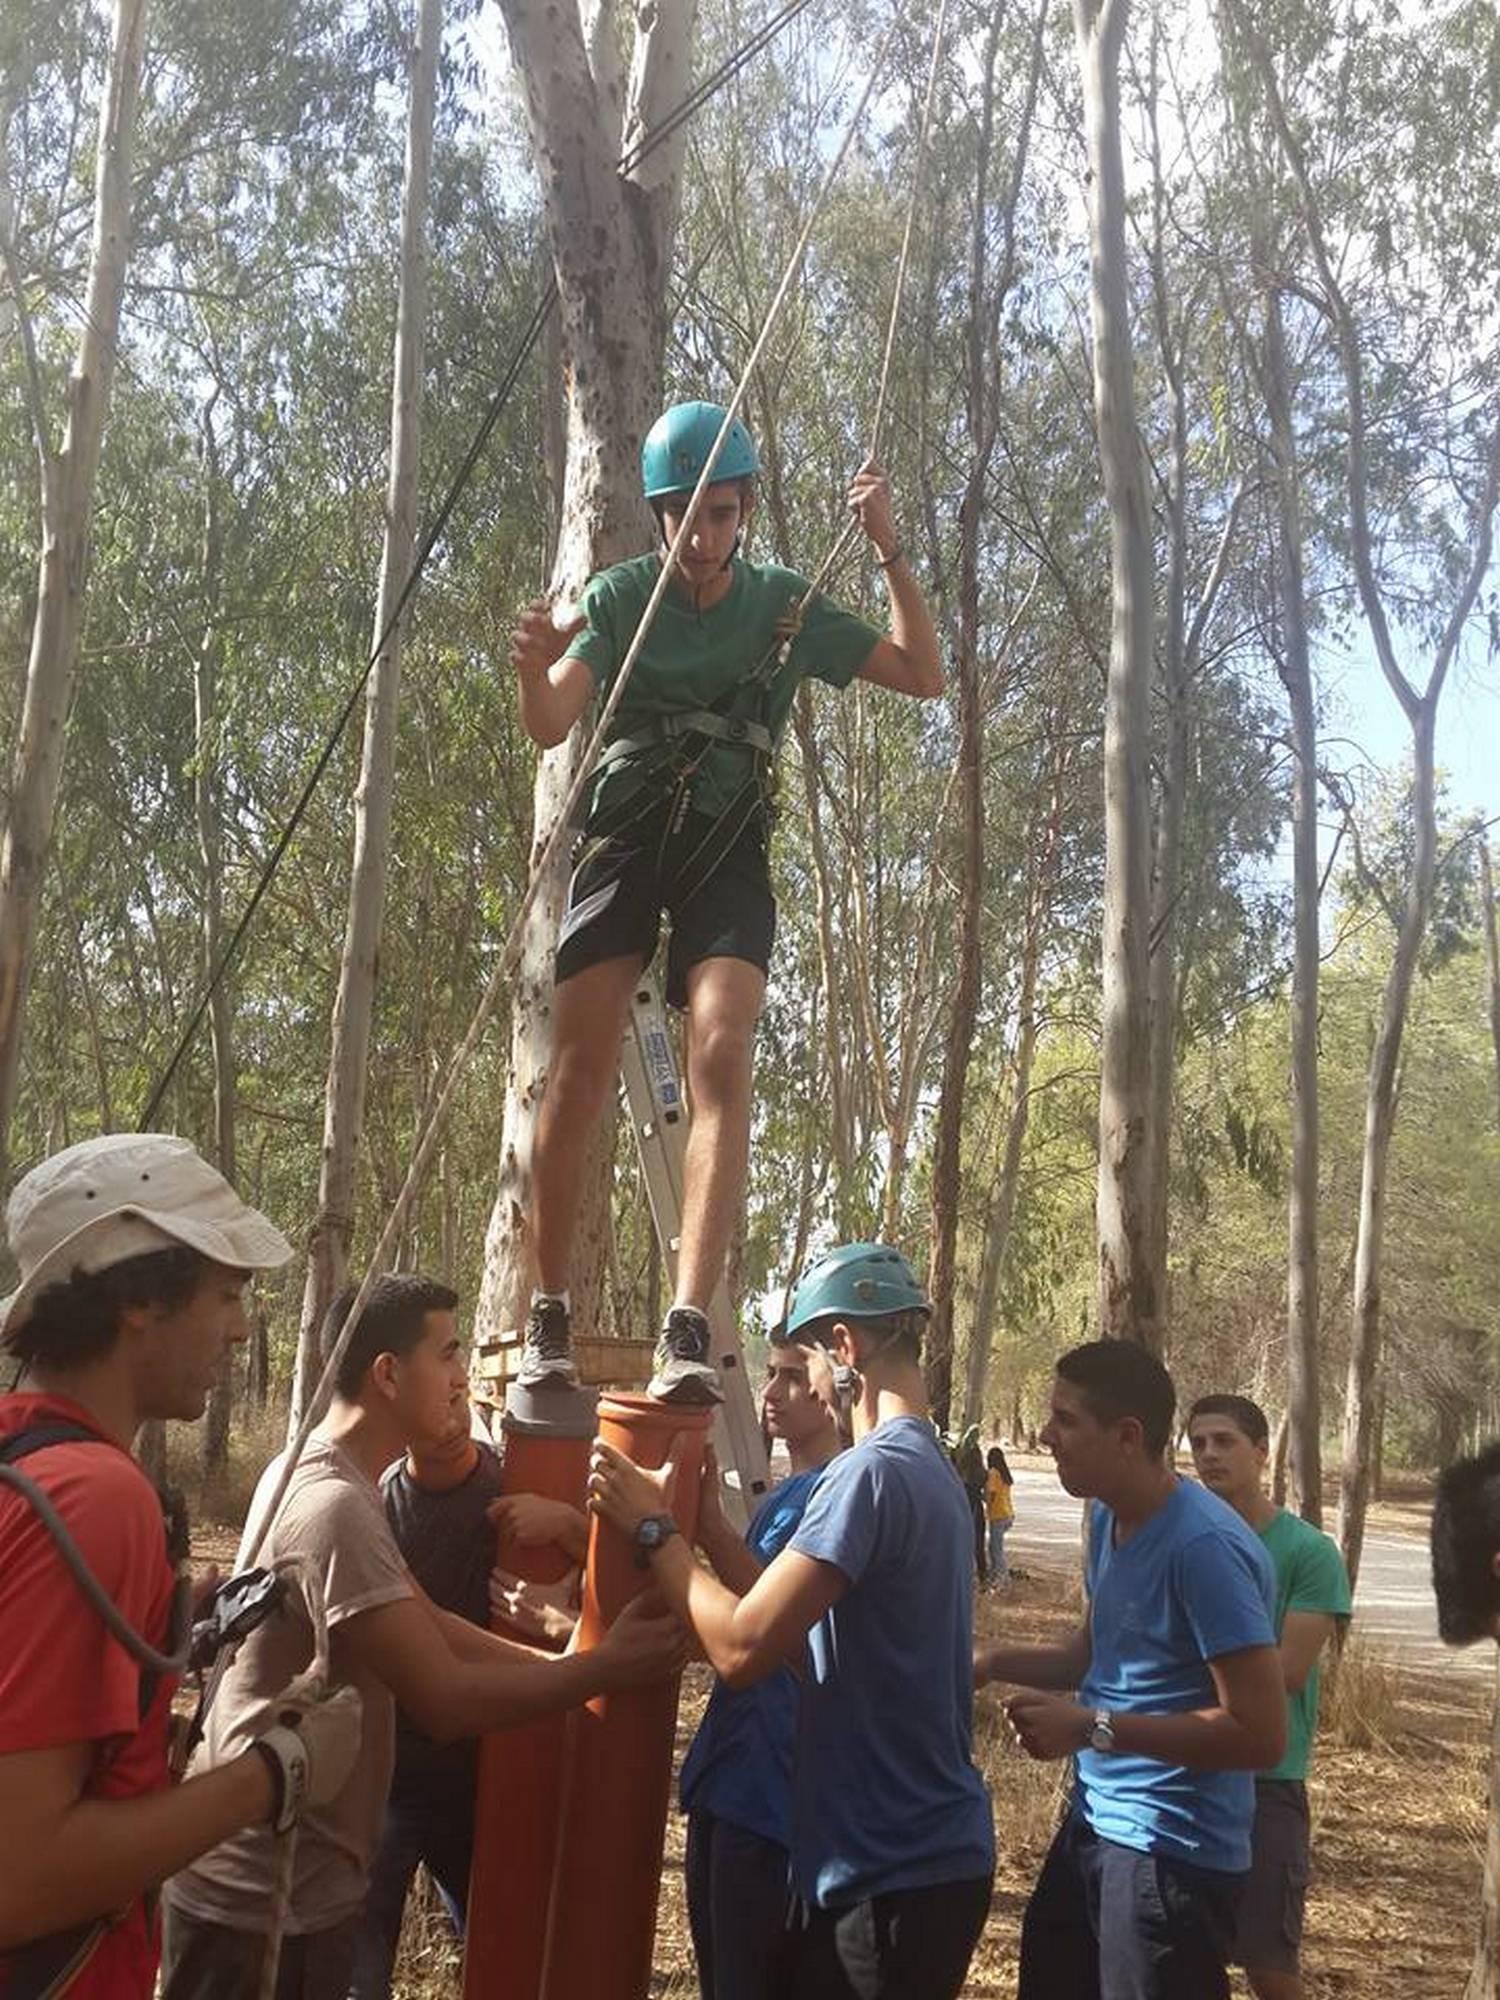 יום גיבוש לבתי ספר עבודת צוות ערוצים בטבע